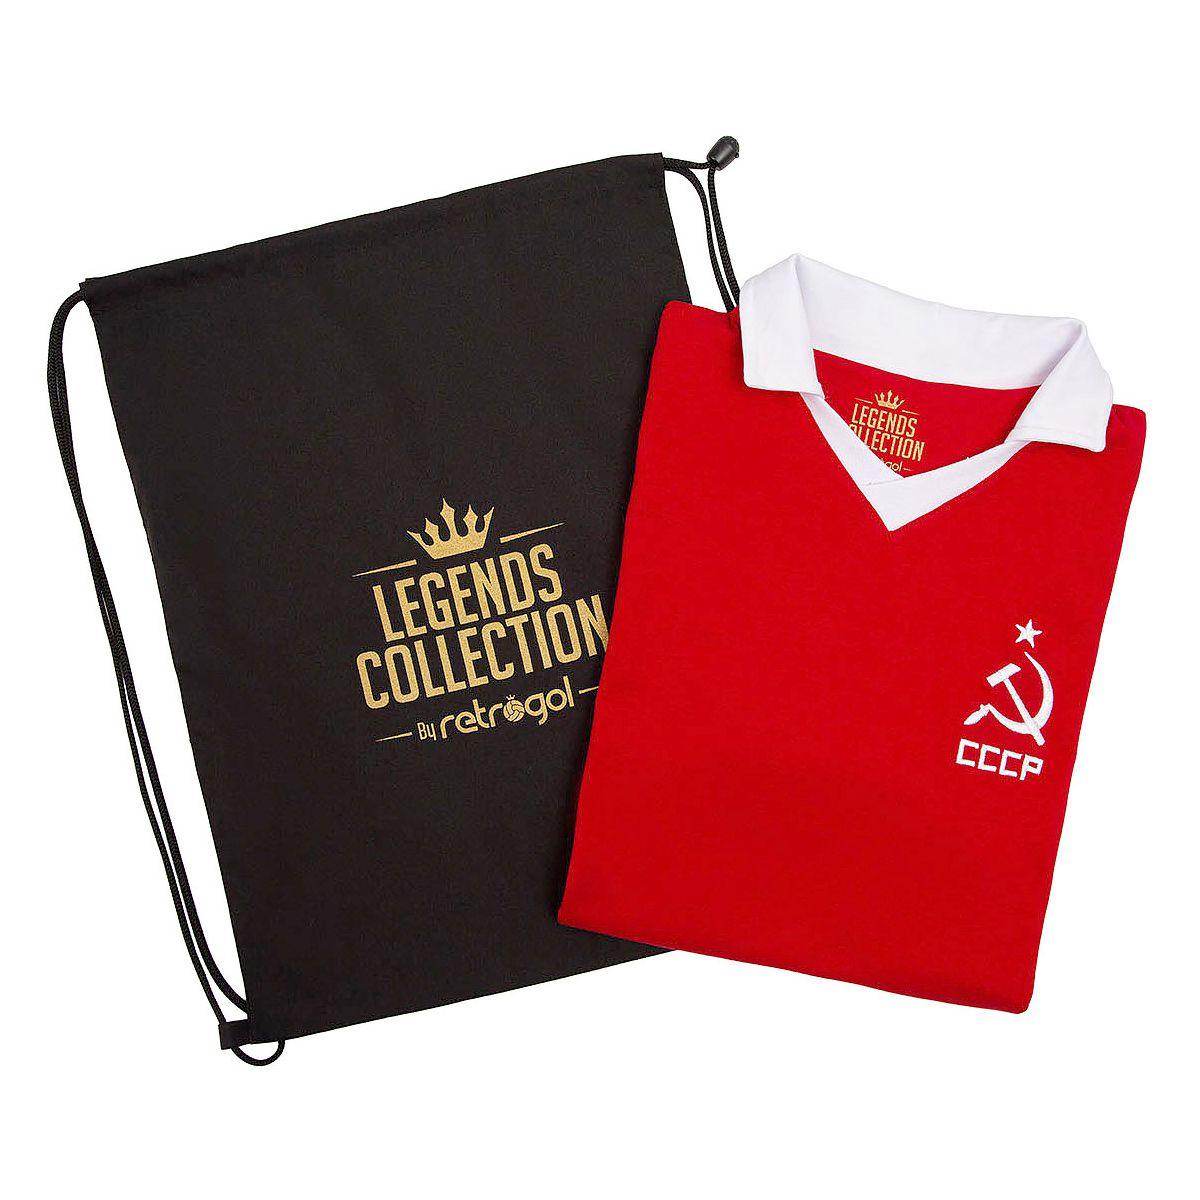 Camisa CCCP Retrô Vermelha Legends Collection + Sacola